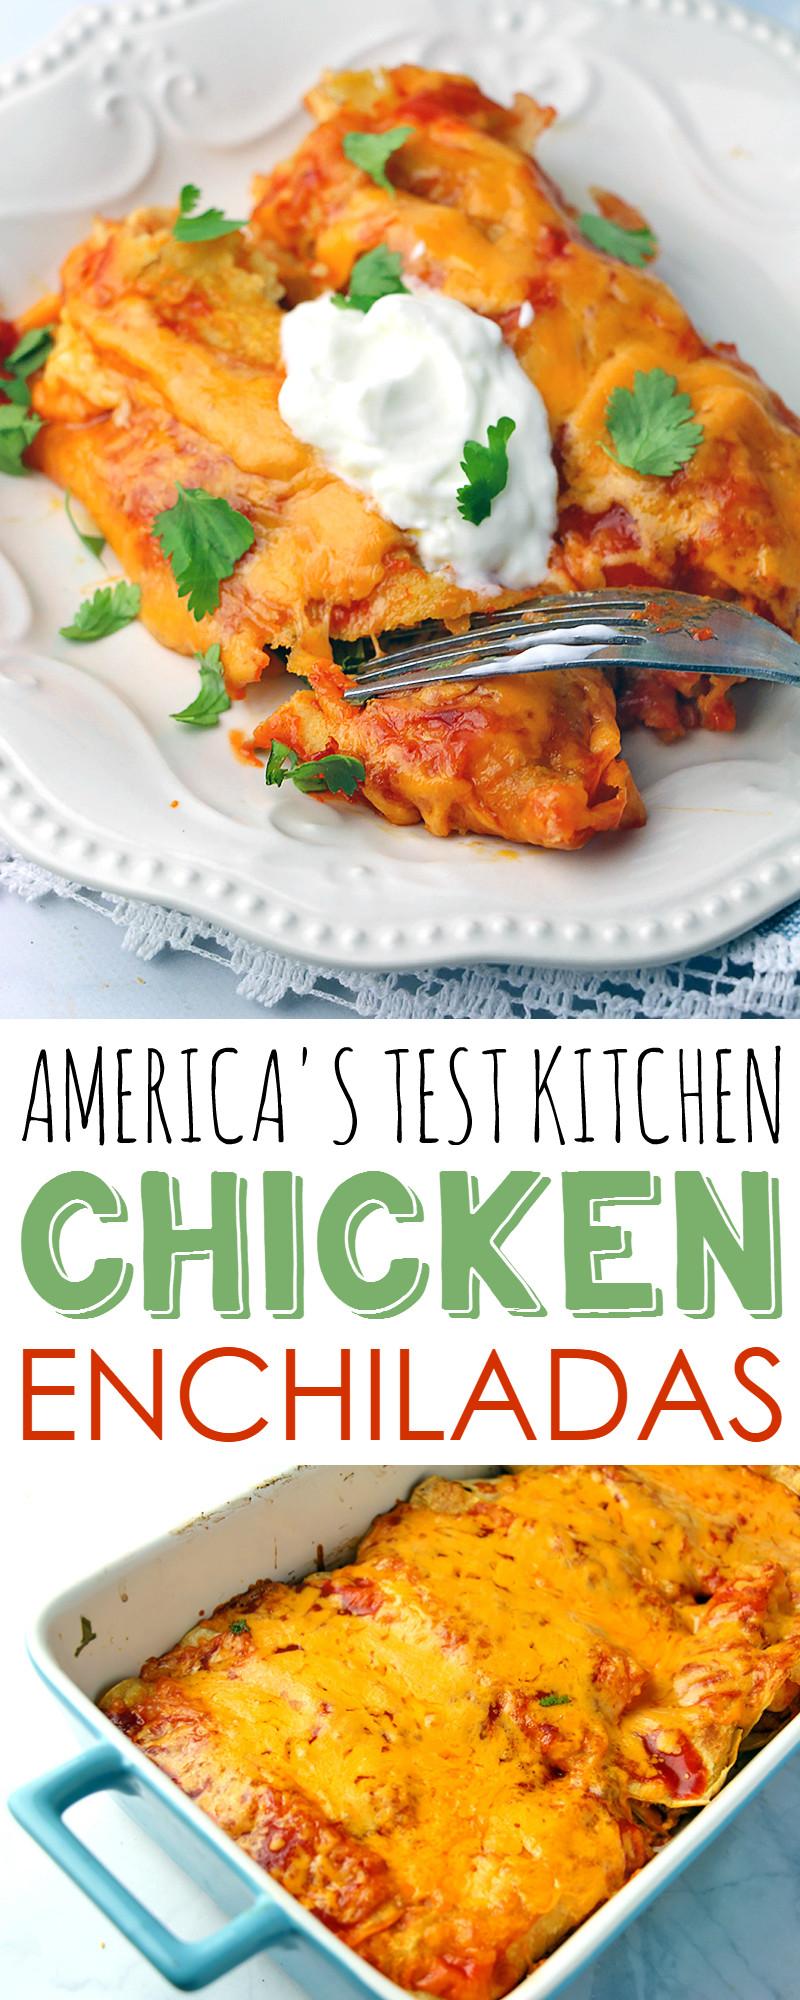 Chicken Enchiladas Healthy  Chicken Enchiladas Recipe from The America s Test